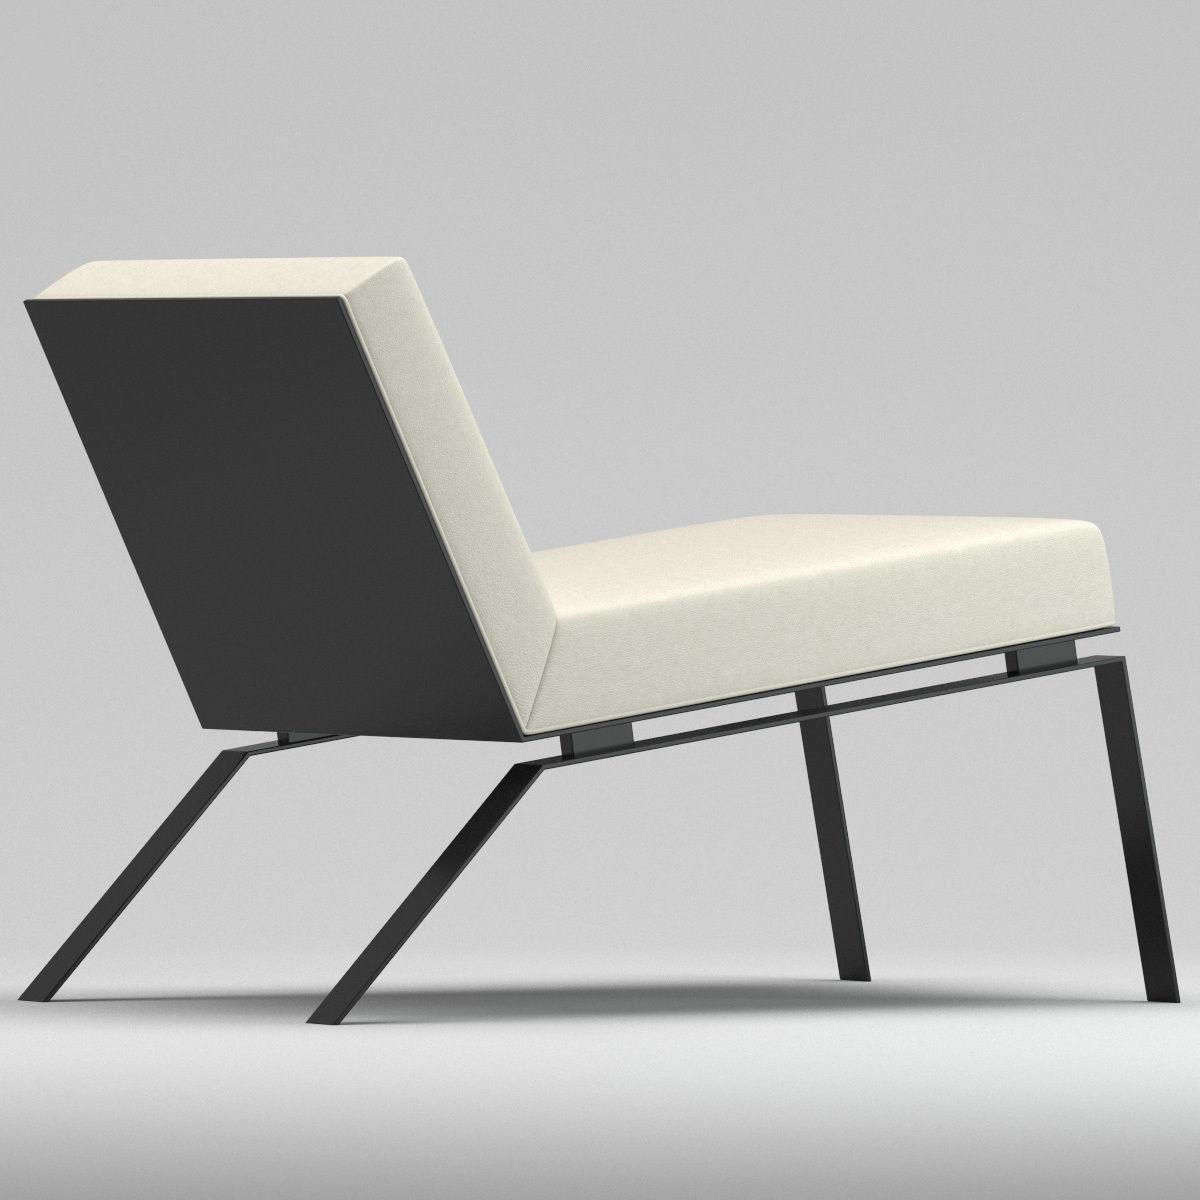 Ralph Pucci Steel Chair Robert Bristow 3d Model Max Obj Fbx Mtl 1 ...